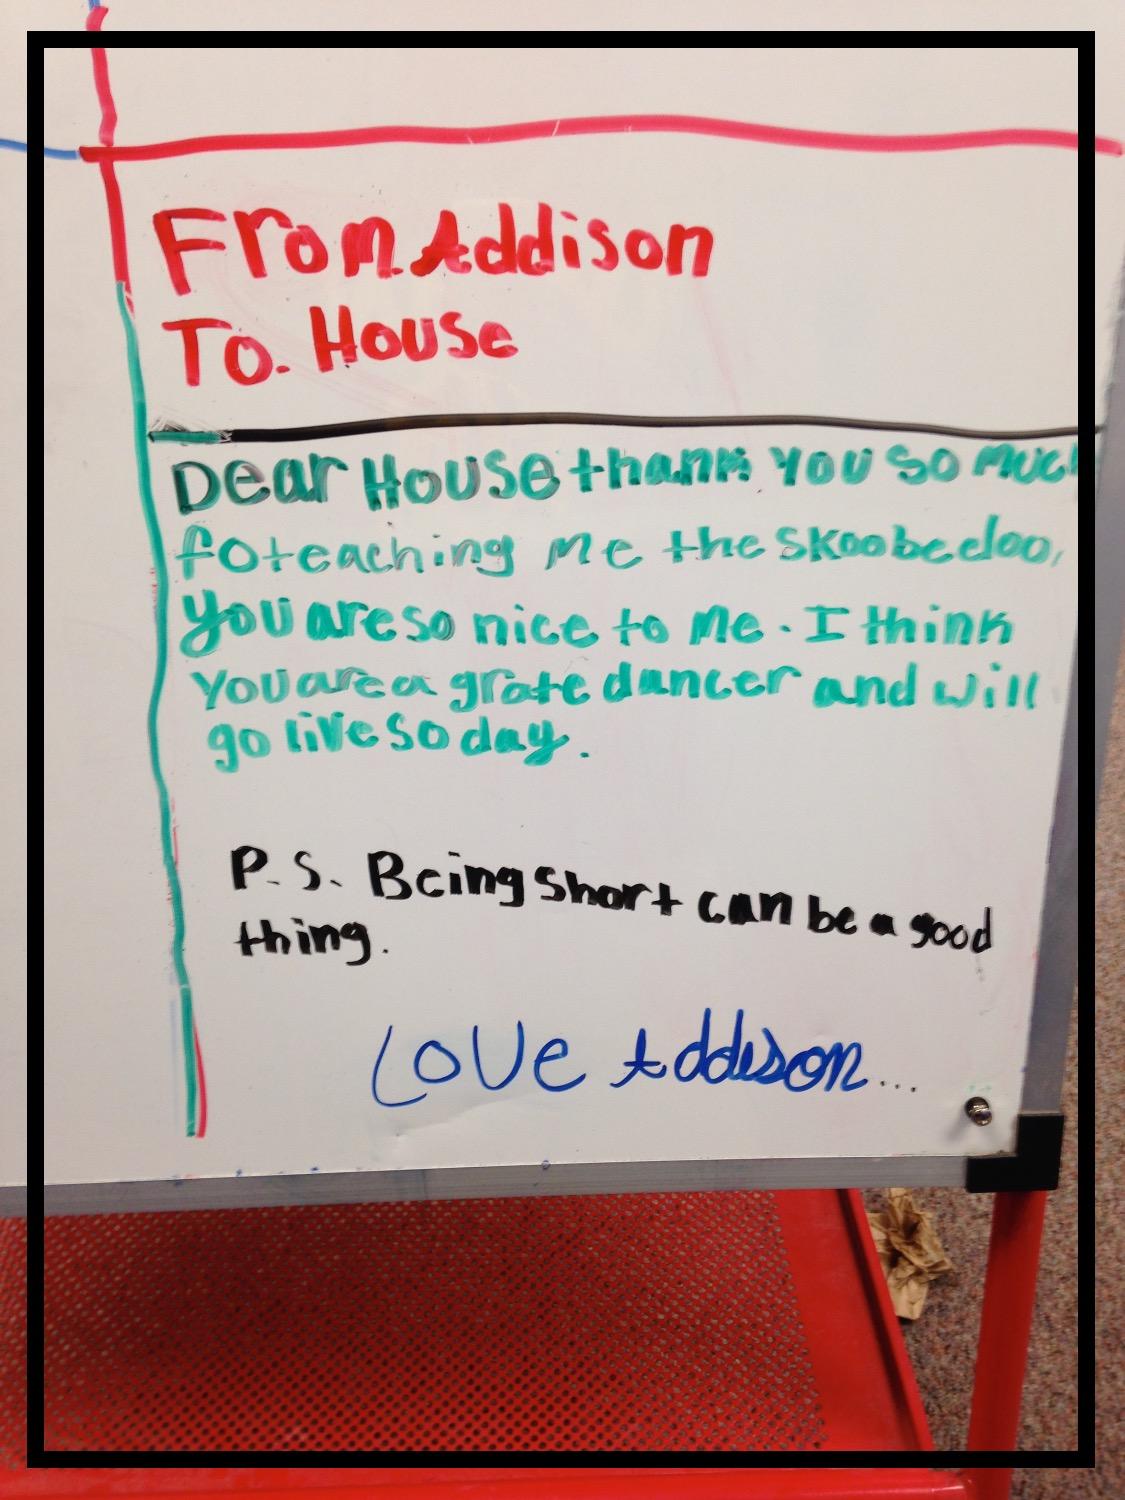 Thanks Addison